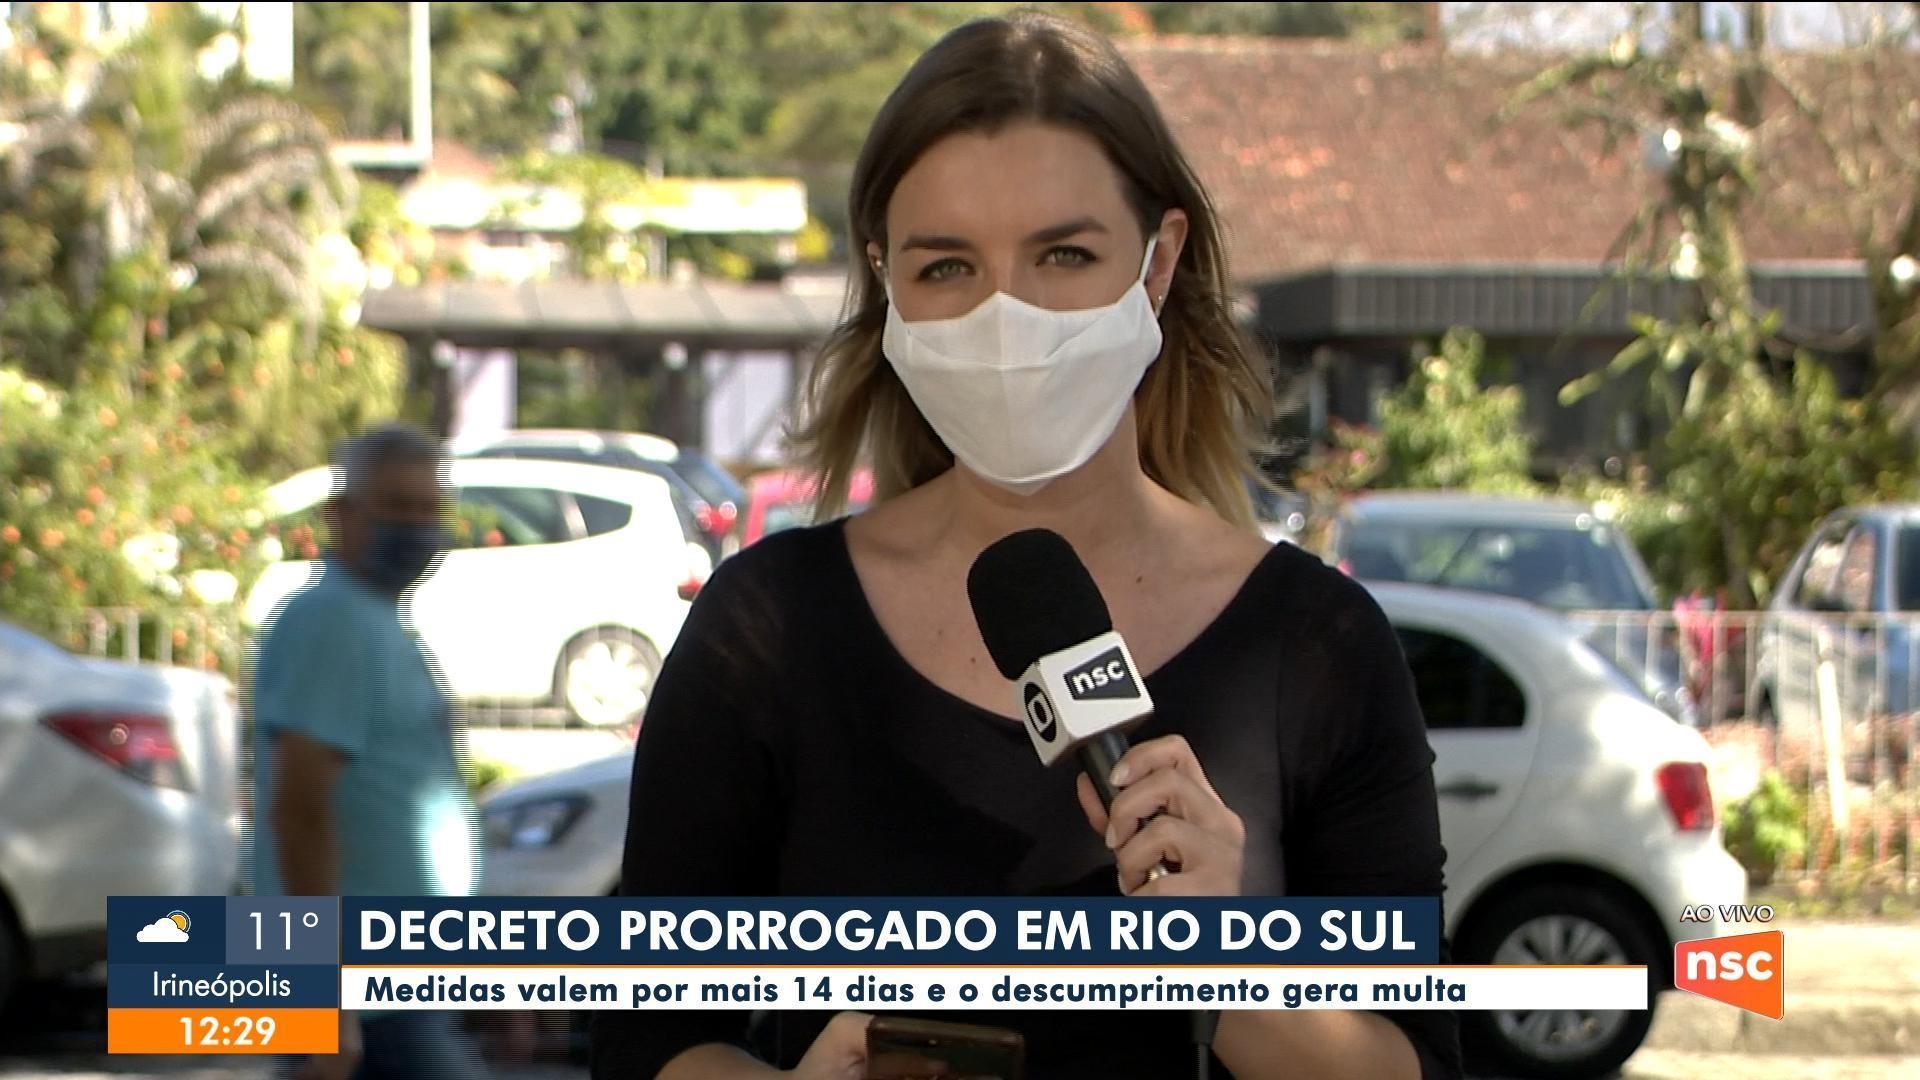 VÍDEOS: Jornal do Almoço de terça-feira, 4 de agosto